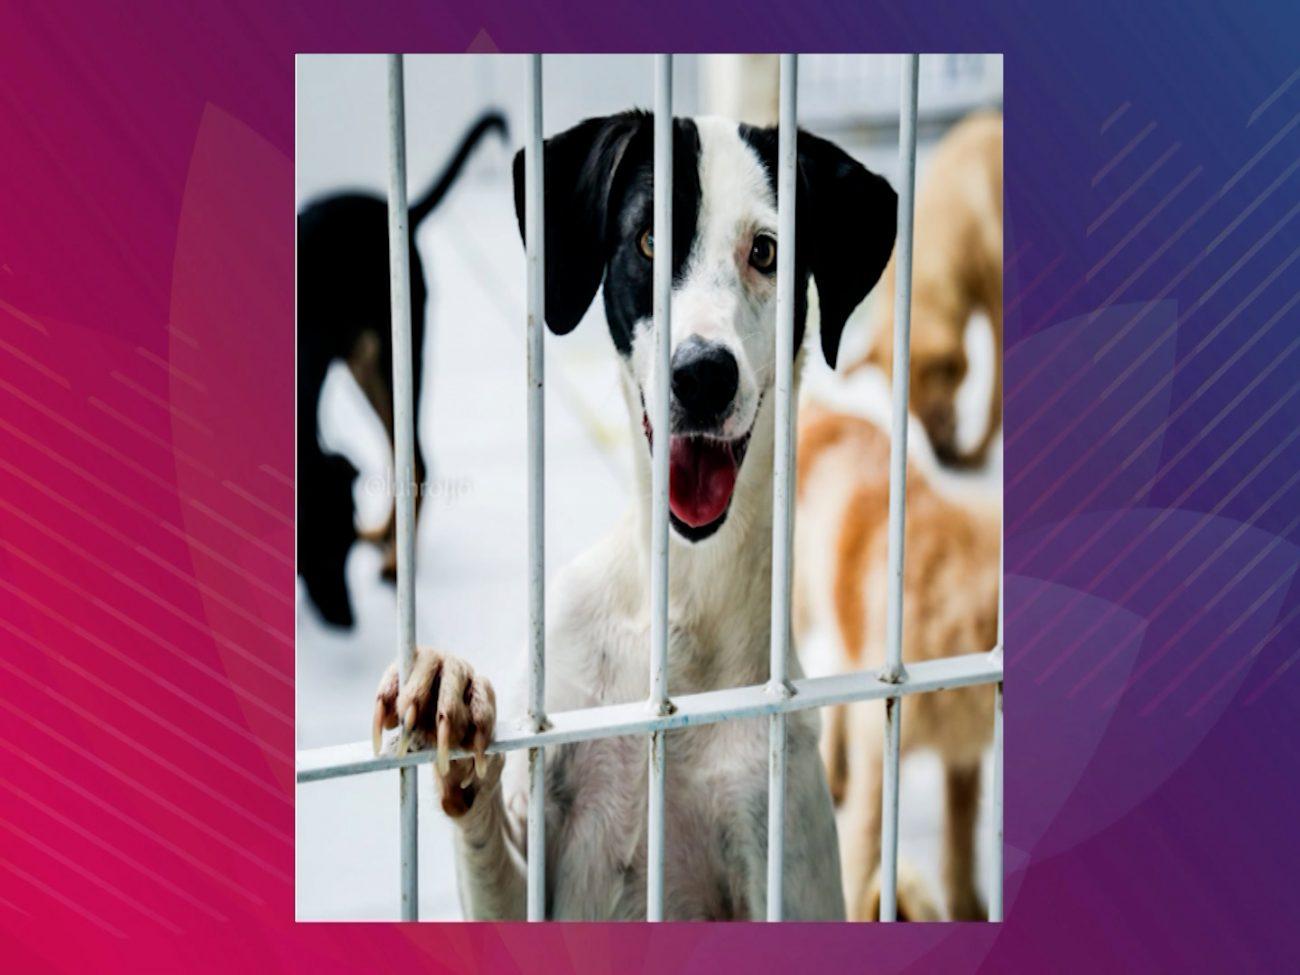 São quase 70 animais que estarão disponíveis para adoção em Navegantes - DABA/Divulgação